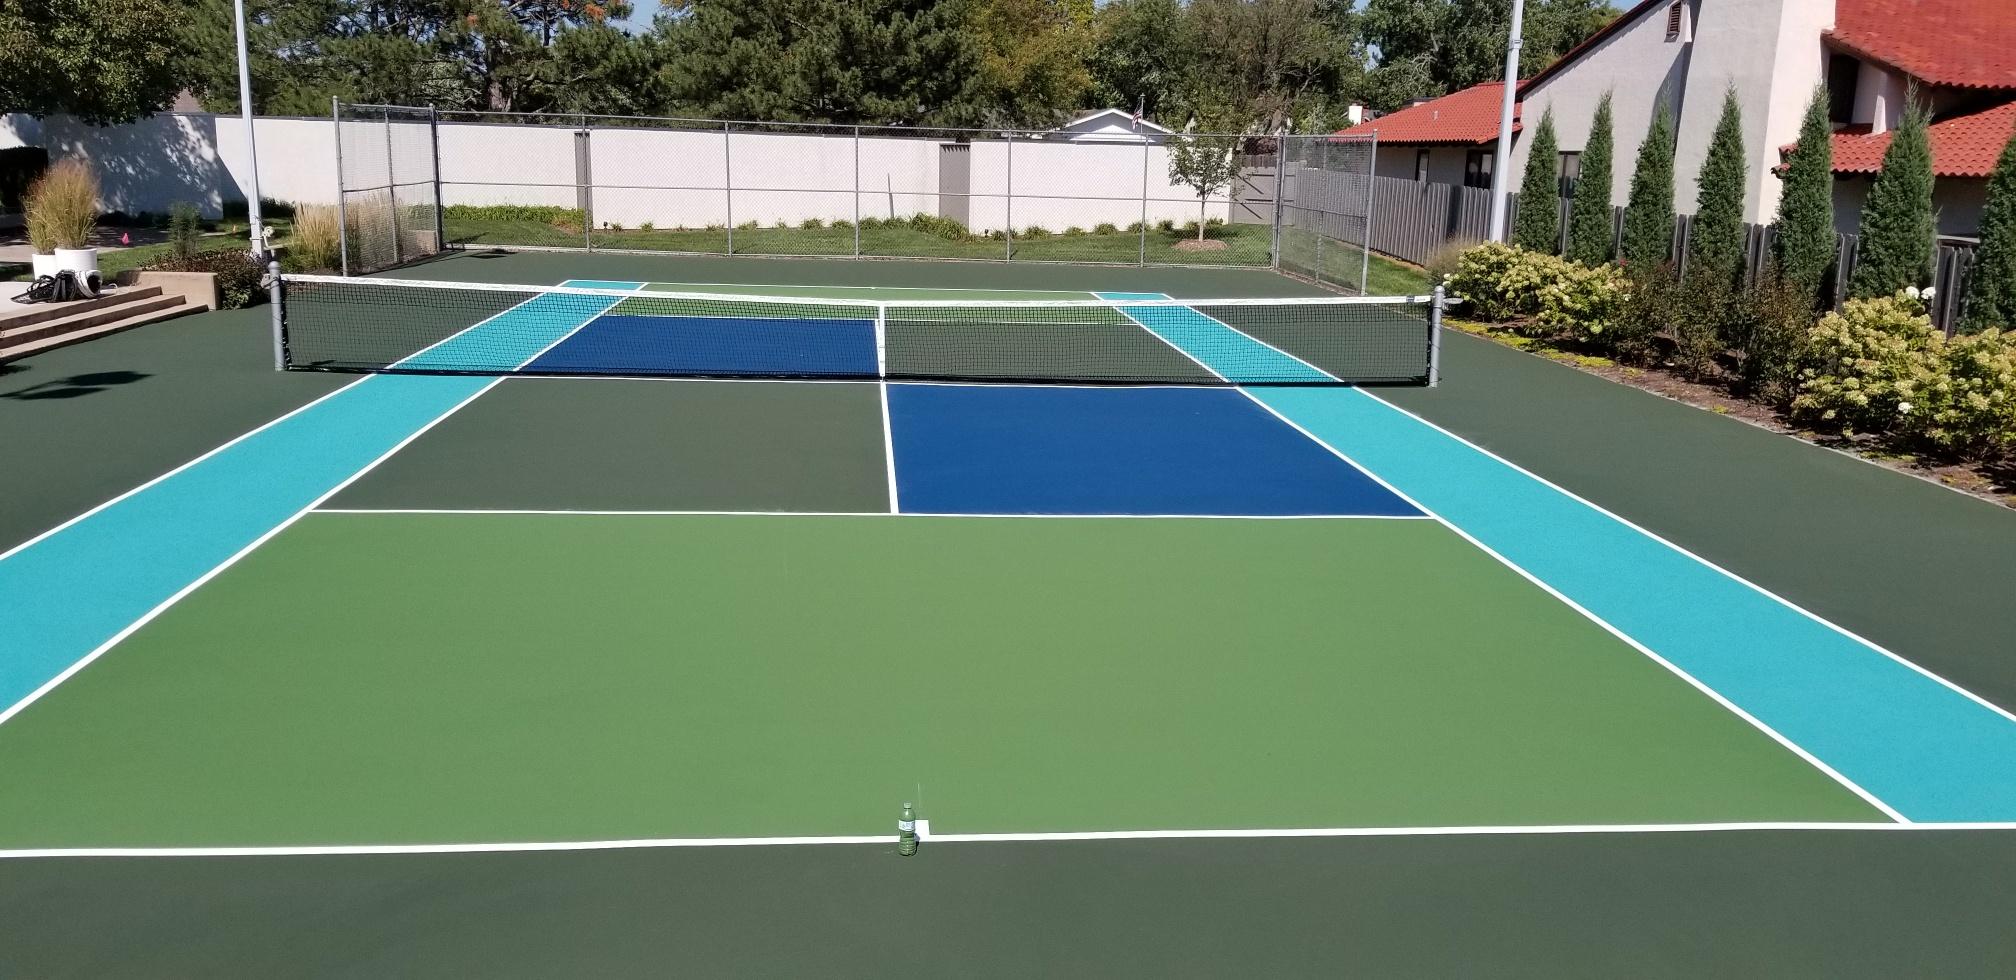 hutch multi color court.jpg